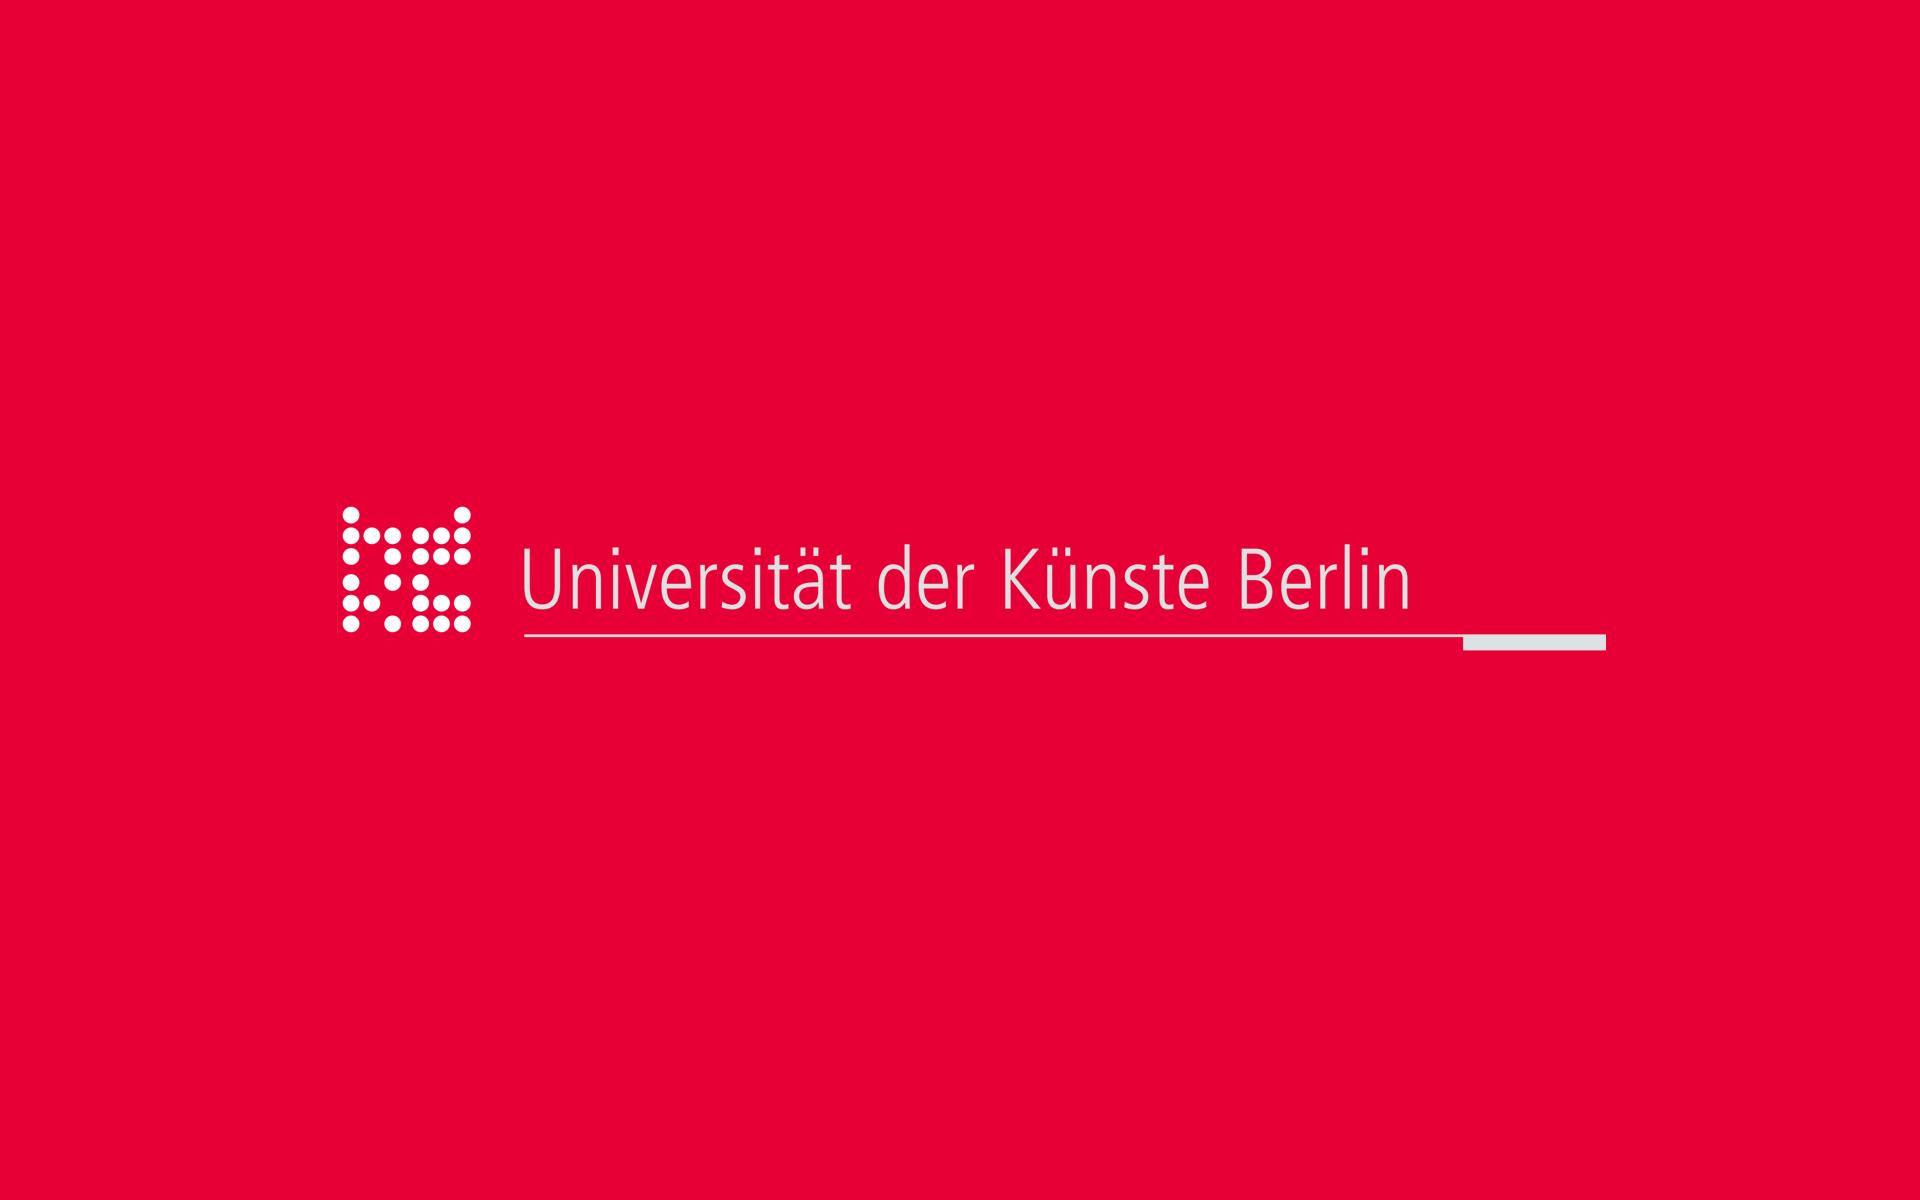 Die Universität der Künste Berlin ist die größte Kunsthochschule Europas. Sie geht auf die 1696 von Friedrich III. gestiftete Kurfürstliche Academie der Mahler-, Bildhauer- und Architectur-Kunst zurück und ist damit weltweit eine der ältesten Schulen dieser Art.